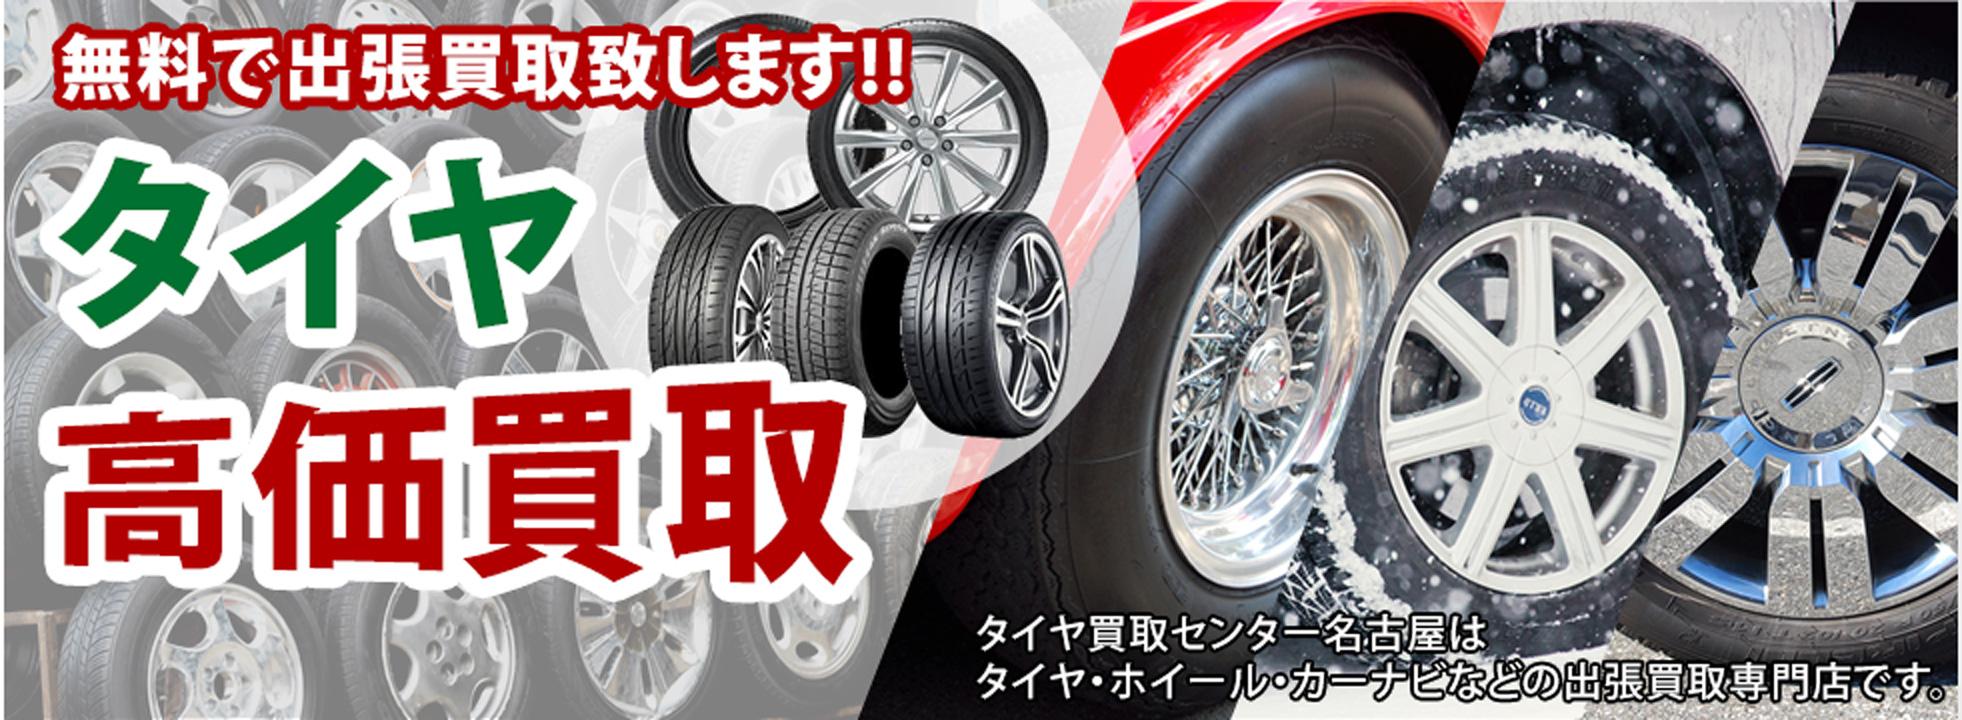 タイヤ買取センター名古屋は、名古屋を中心にタイヤ・ホイールの出張買取サービスを行っています。